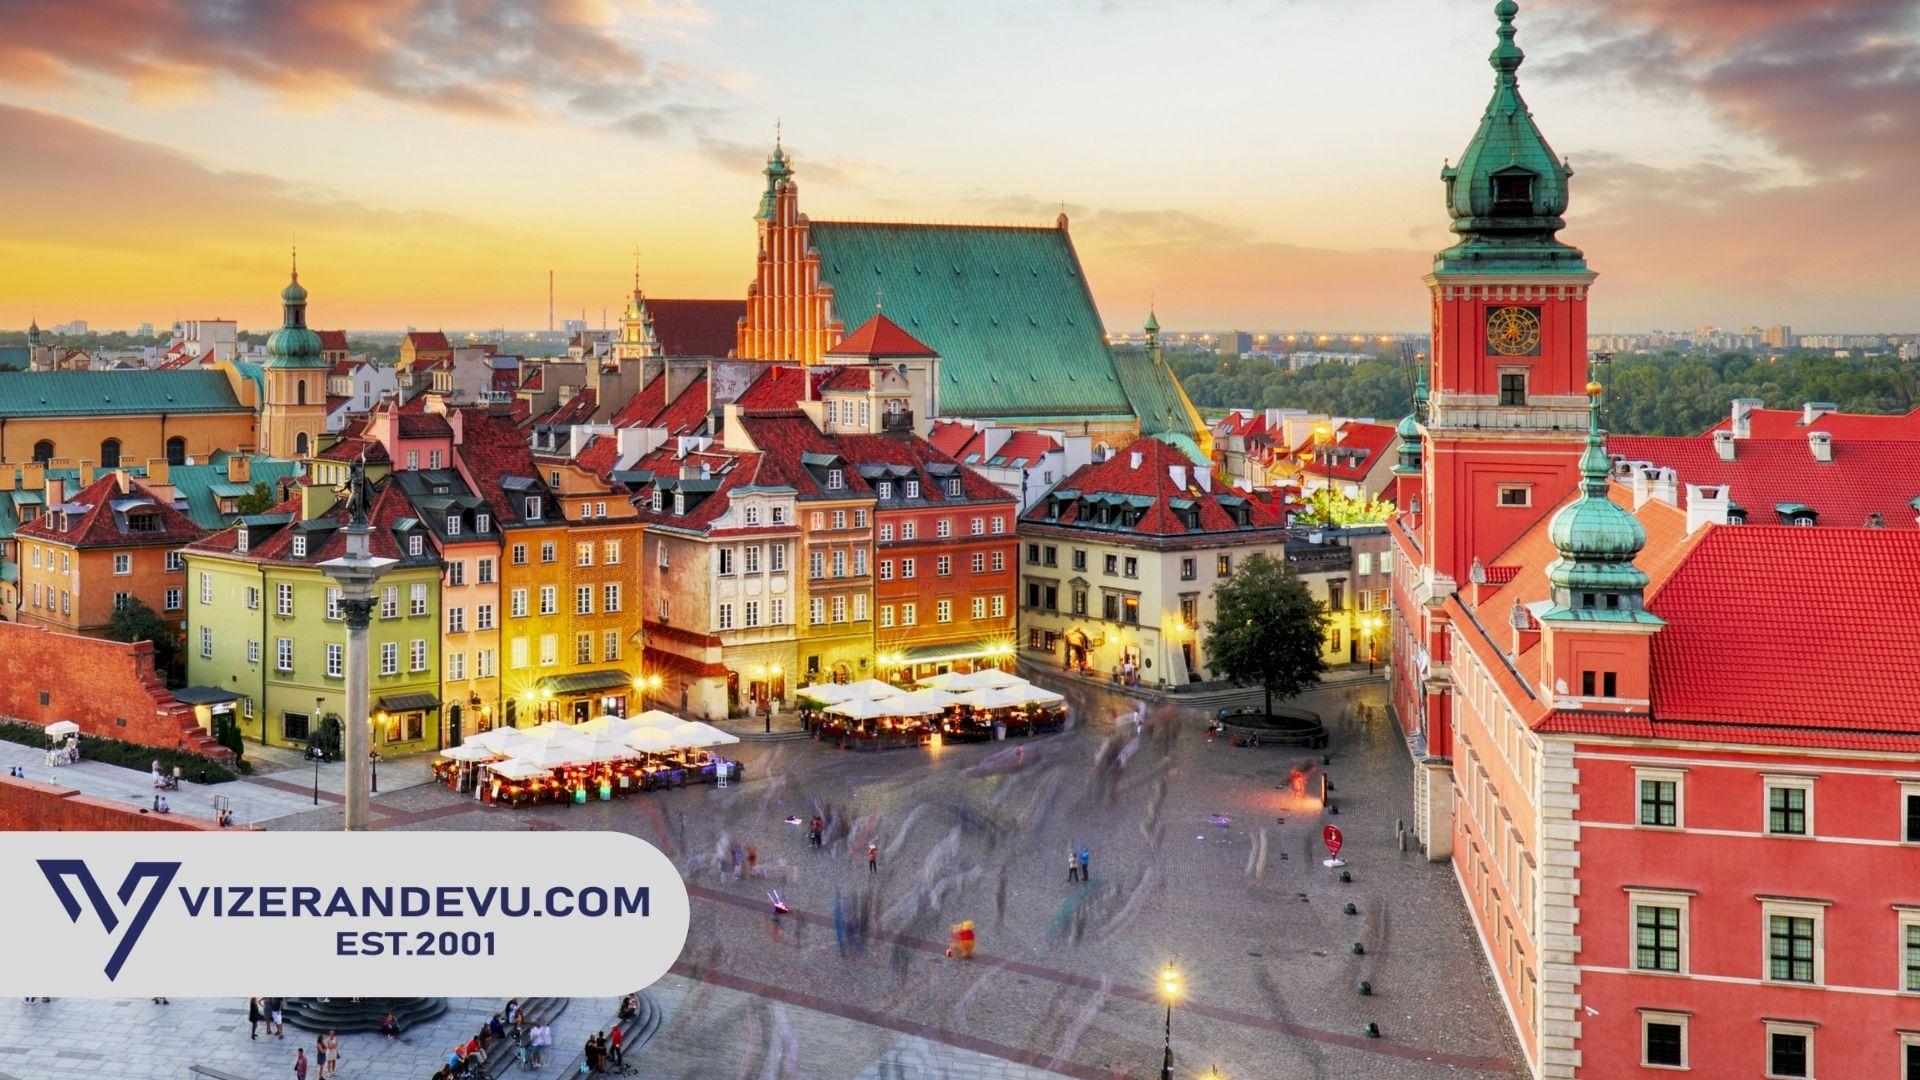 Polonya - Vize İşlemleri